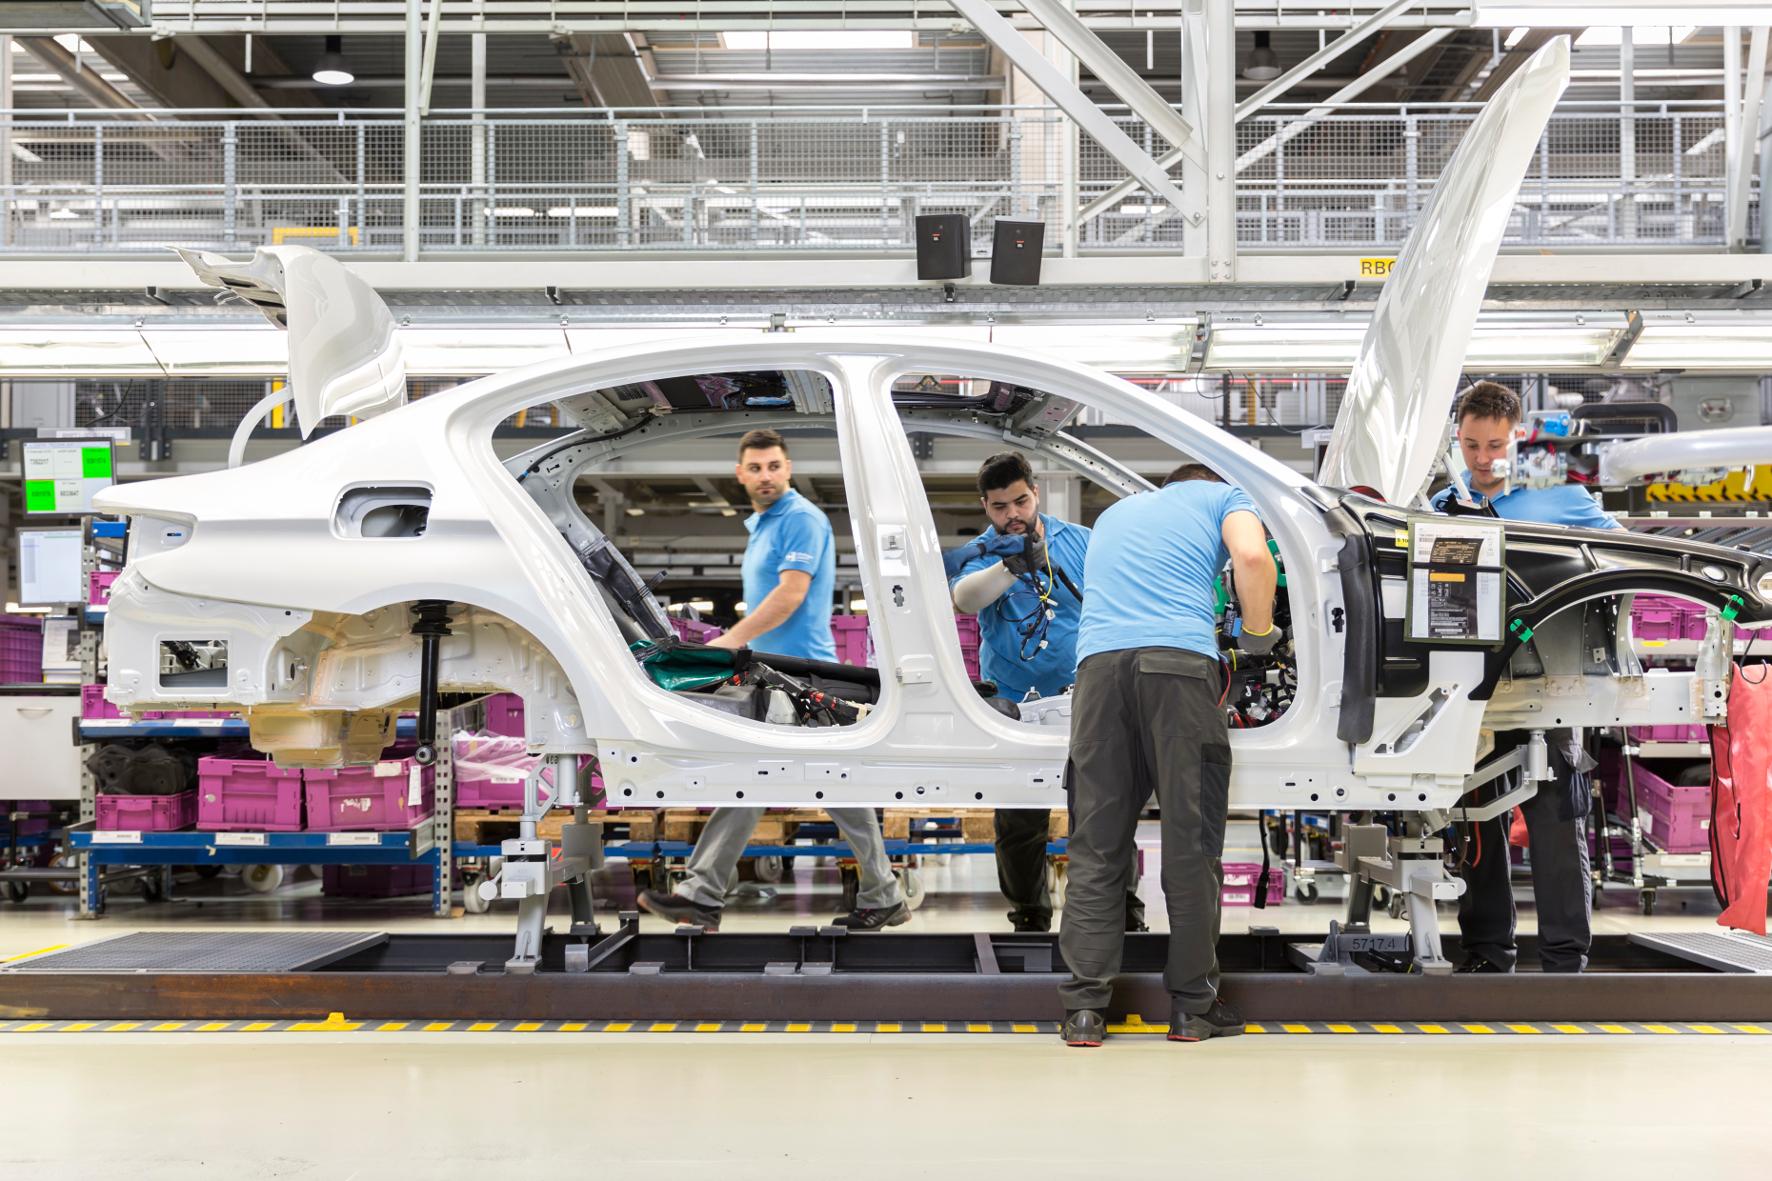 mid Groß-Gerau - Die Zahl der Arbeitsplätze in der Automobilproduktion wird laut einer Studie wegen der Elektrifizierung deutlich sinken. Magna